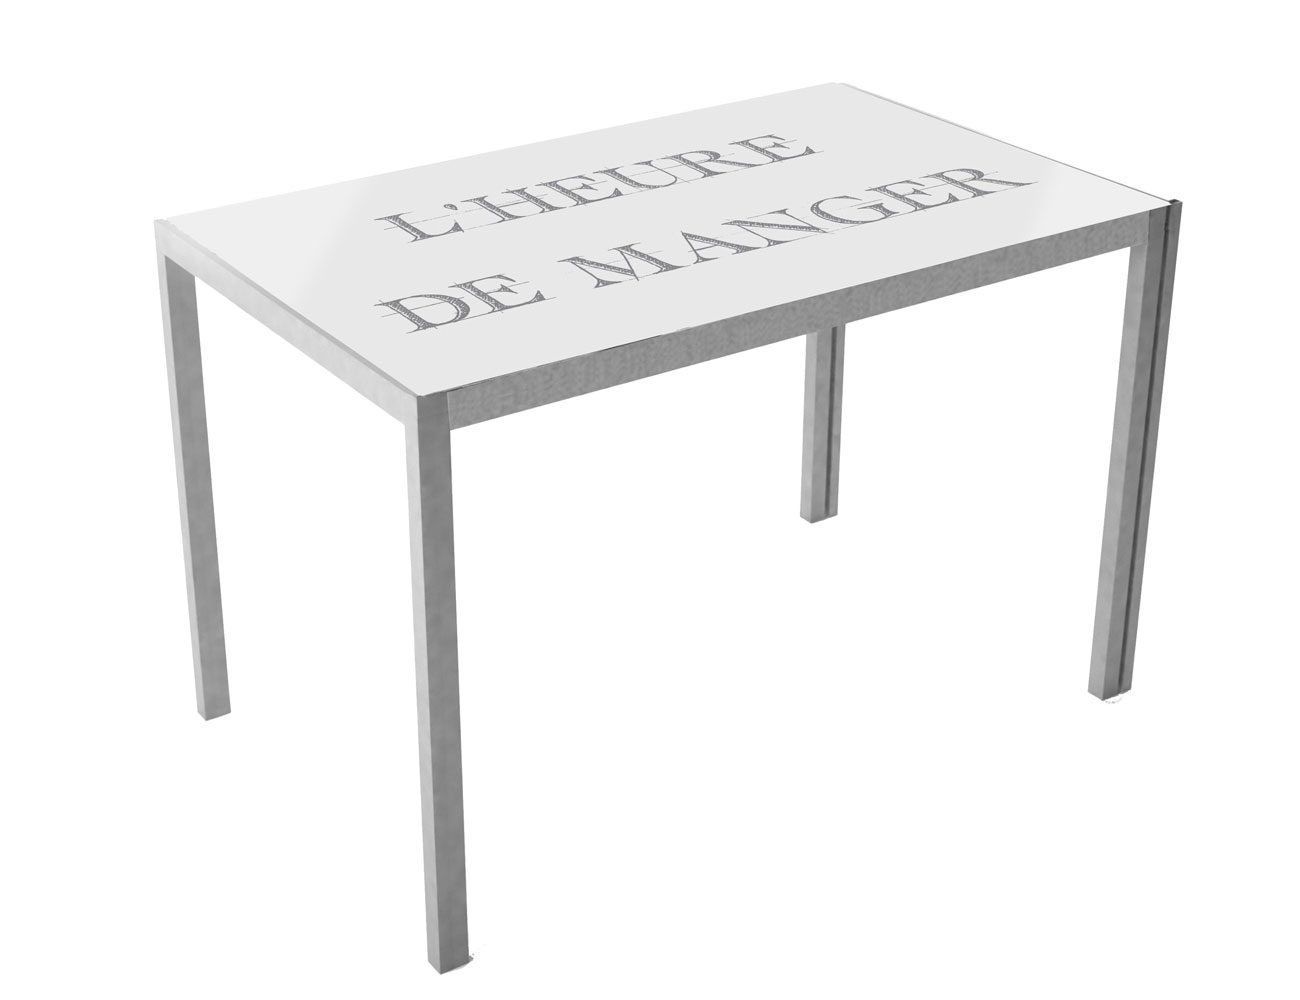 Mesa de cocina con cristal templando serigrafiado 3546 factory del mueble utrera - Cocinas conforama opiniones ...